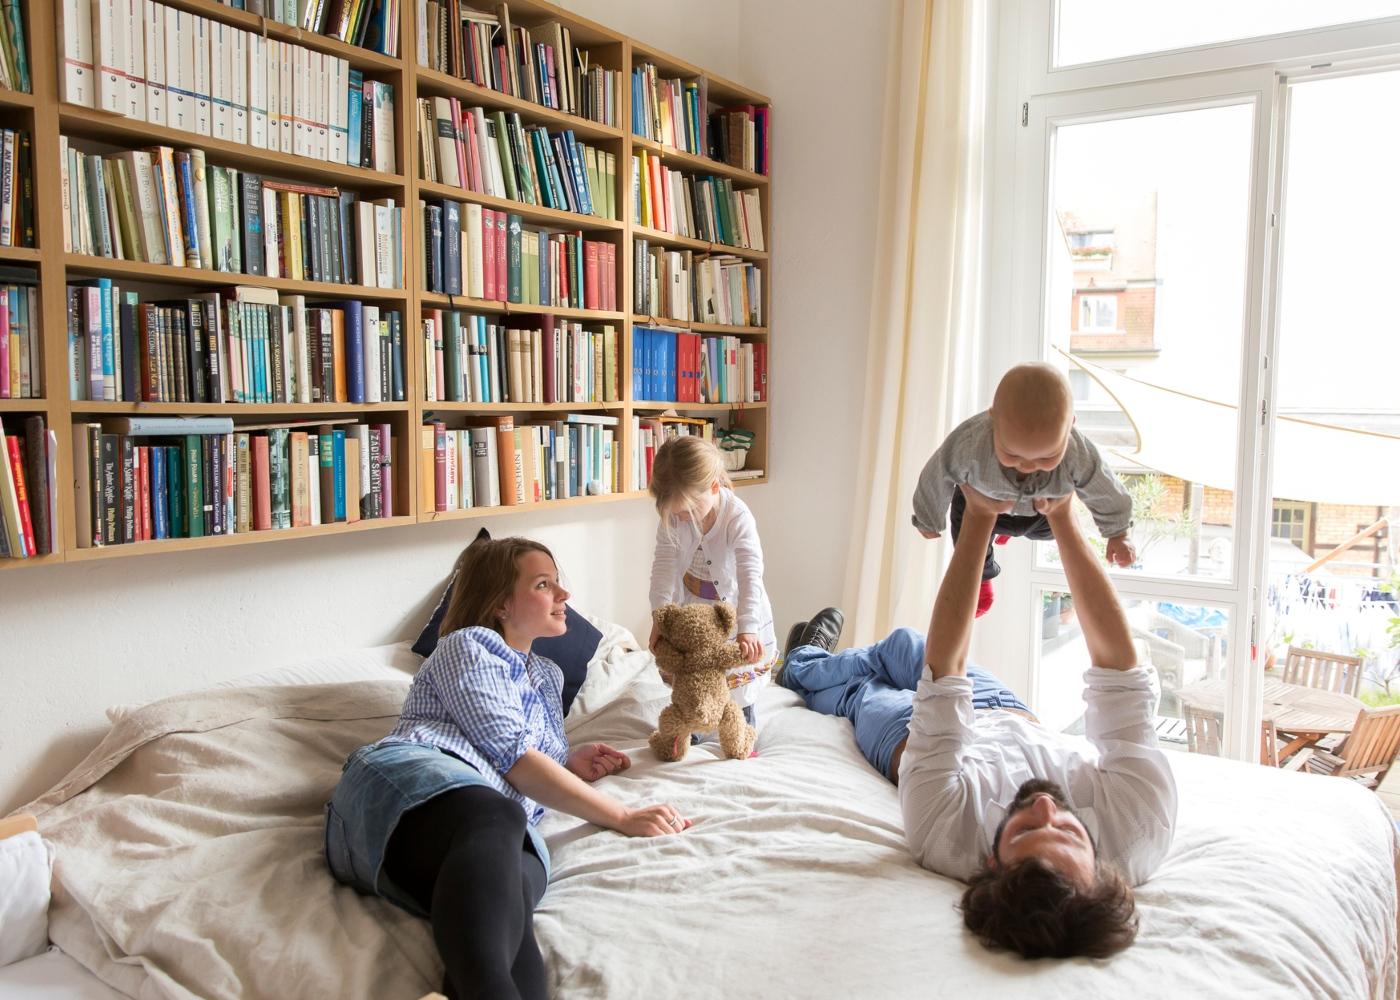 como lidar e entreter as crianças em casa: dicas